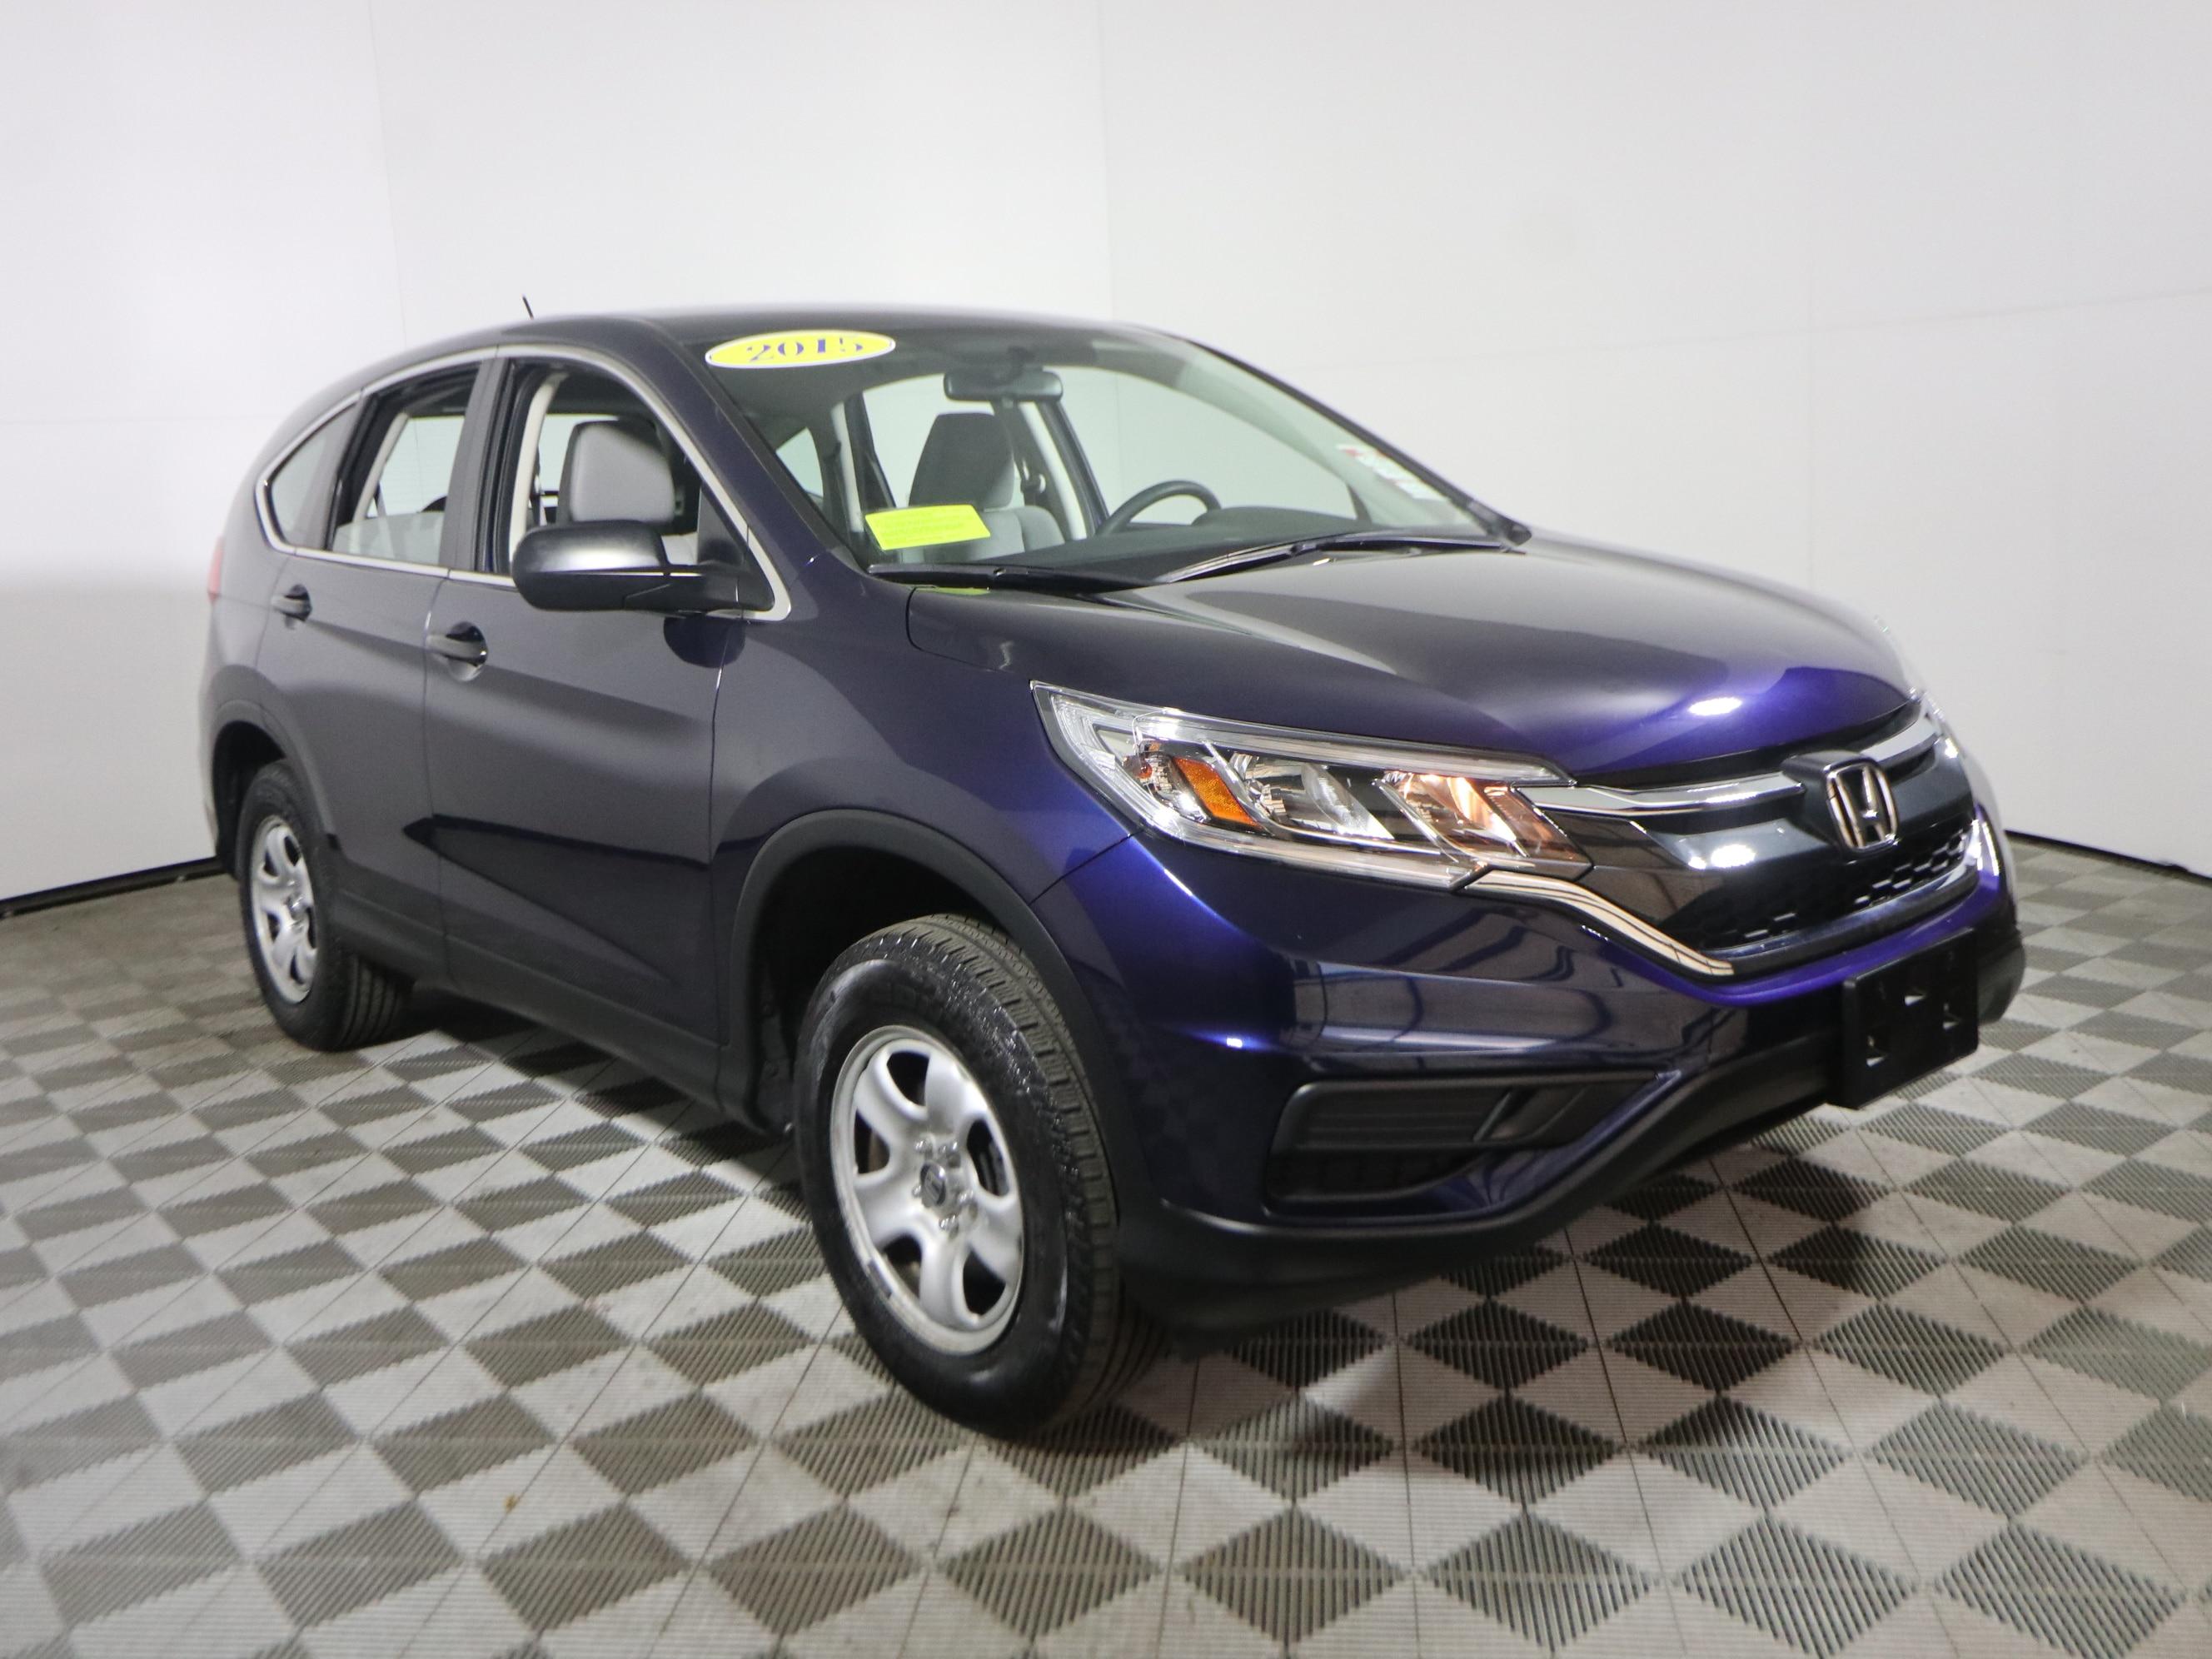 Get Used Honda Cr V Cars in Boston MA